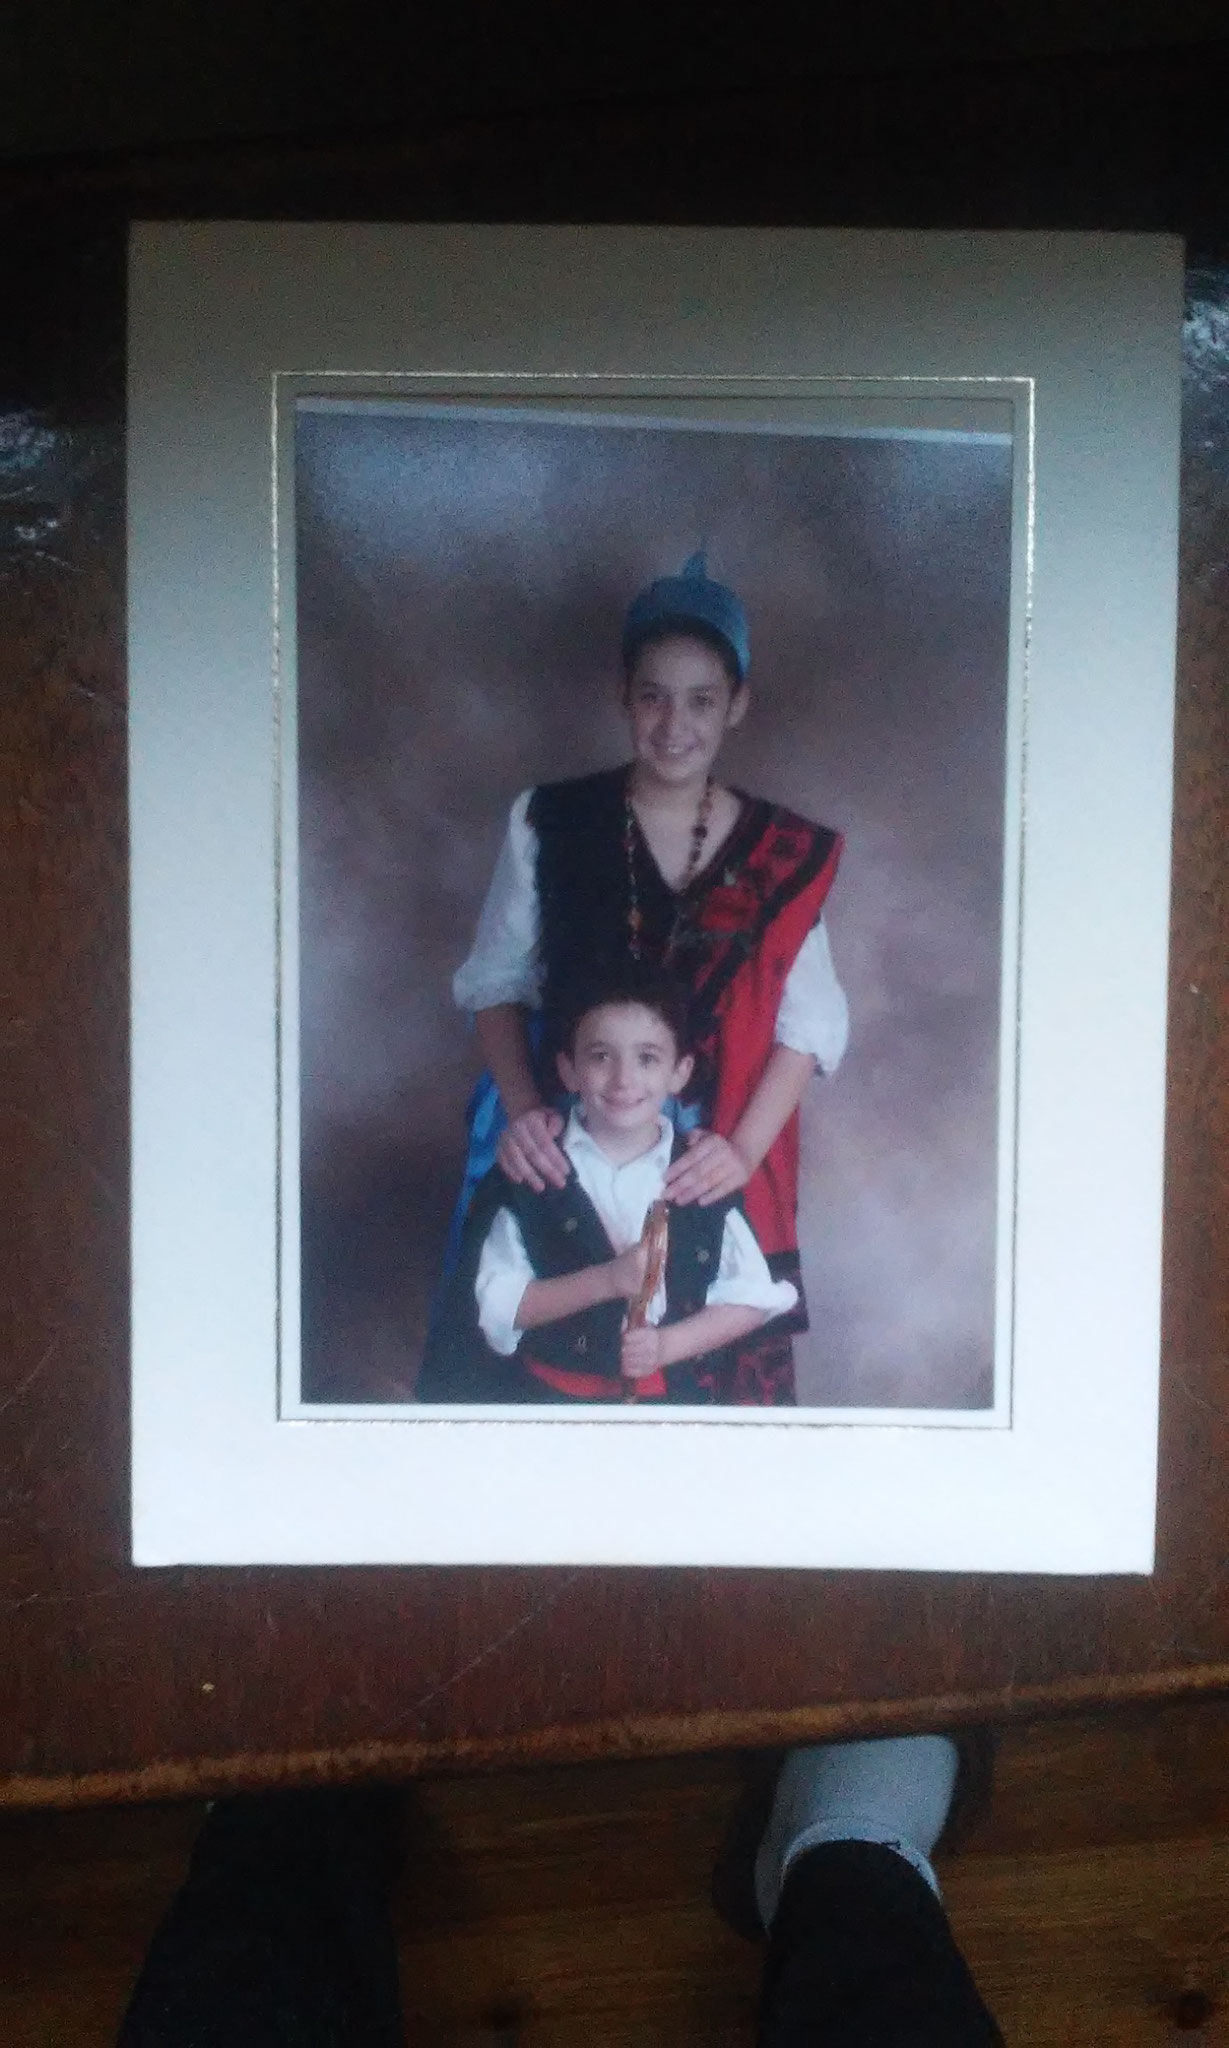 Esta foto representa el cariño que nos tenemos mi hermana y yo; algo que nunca quiero perder.